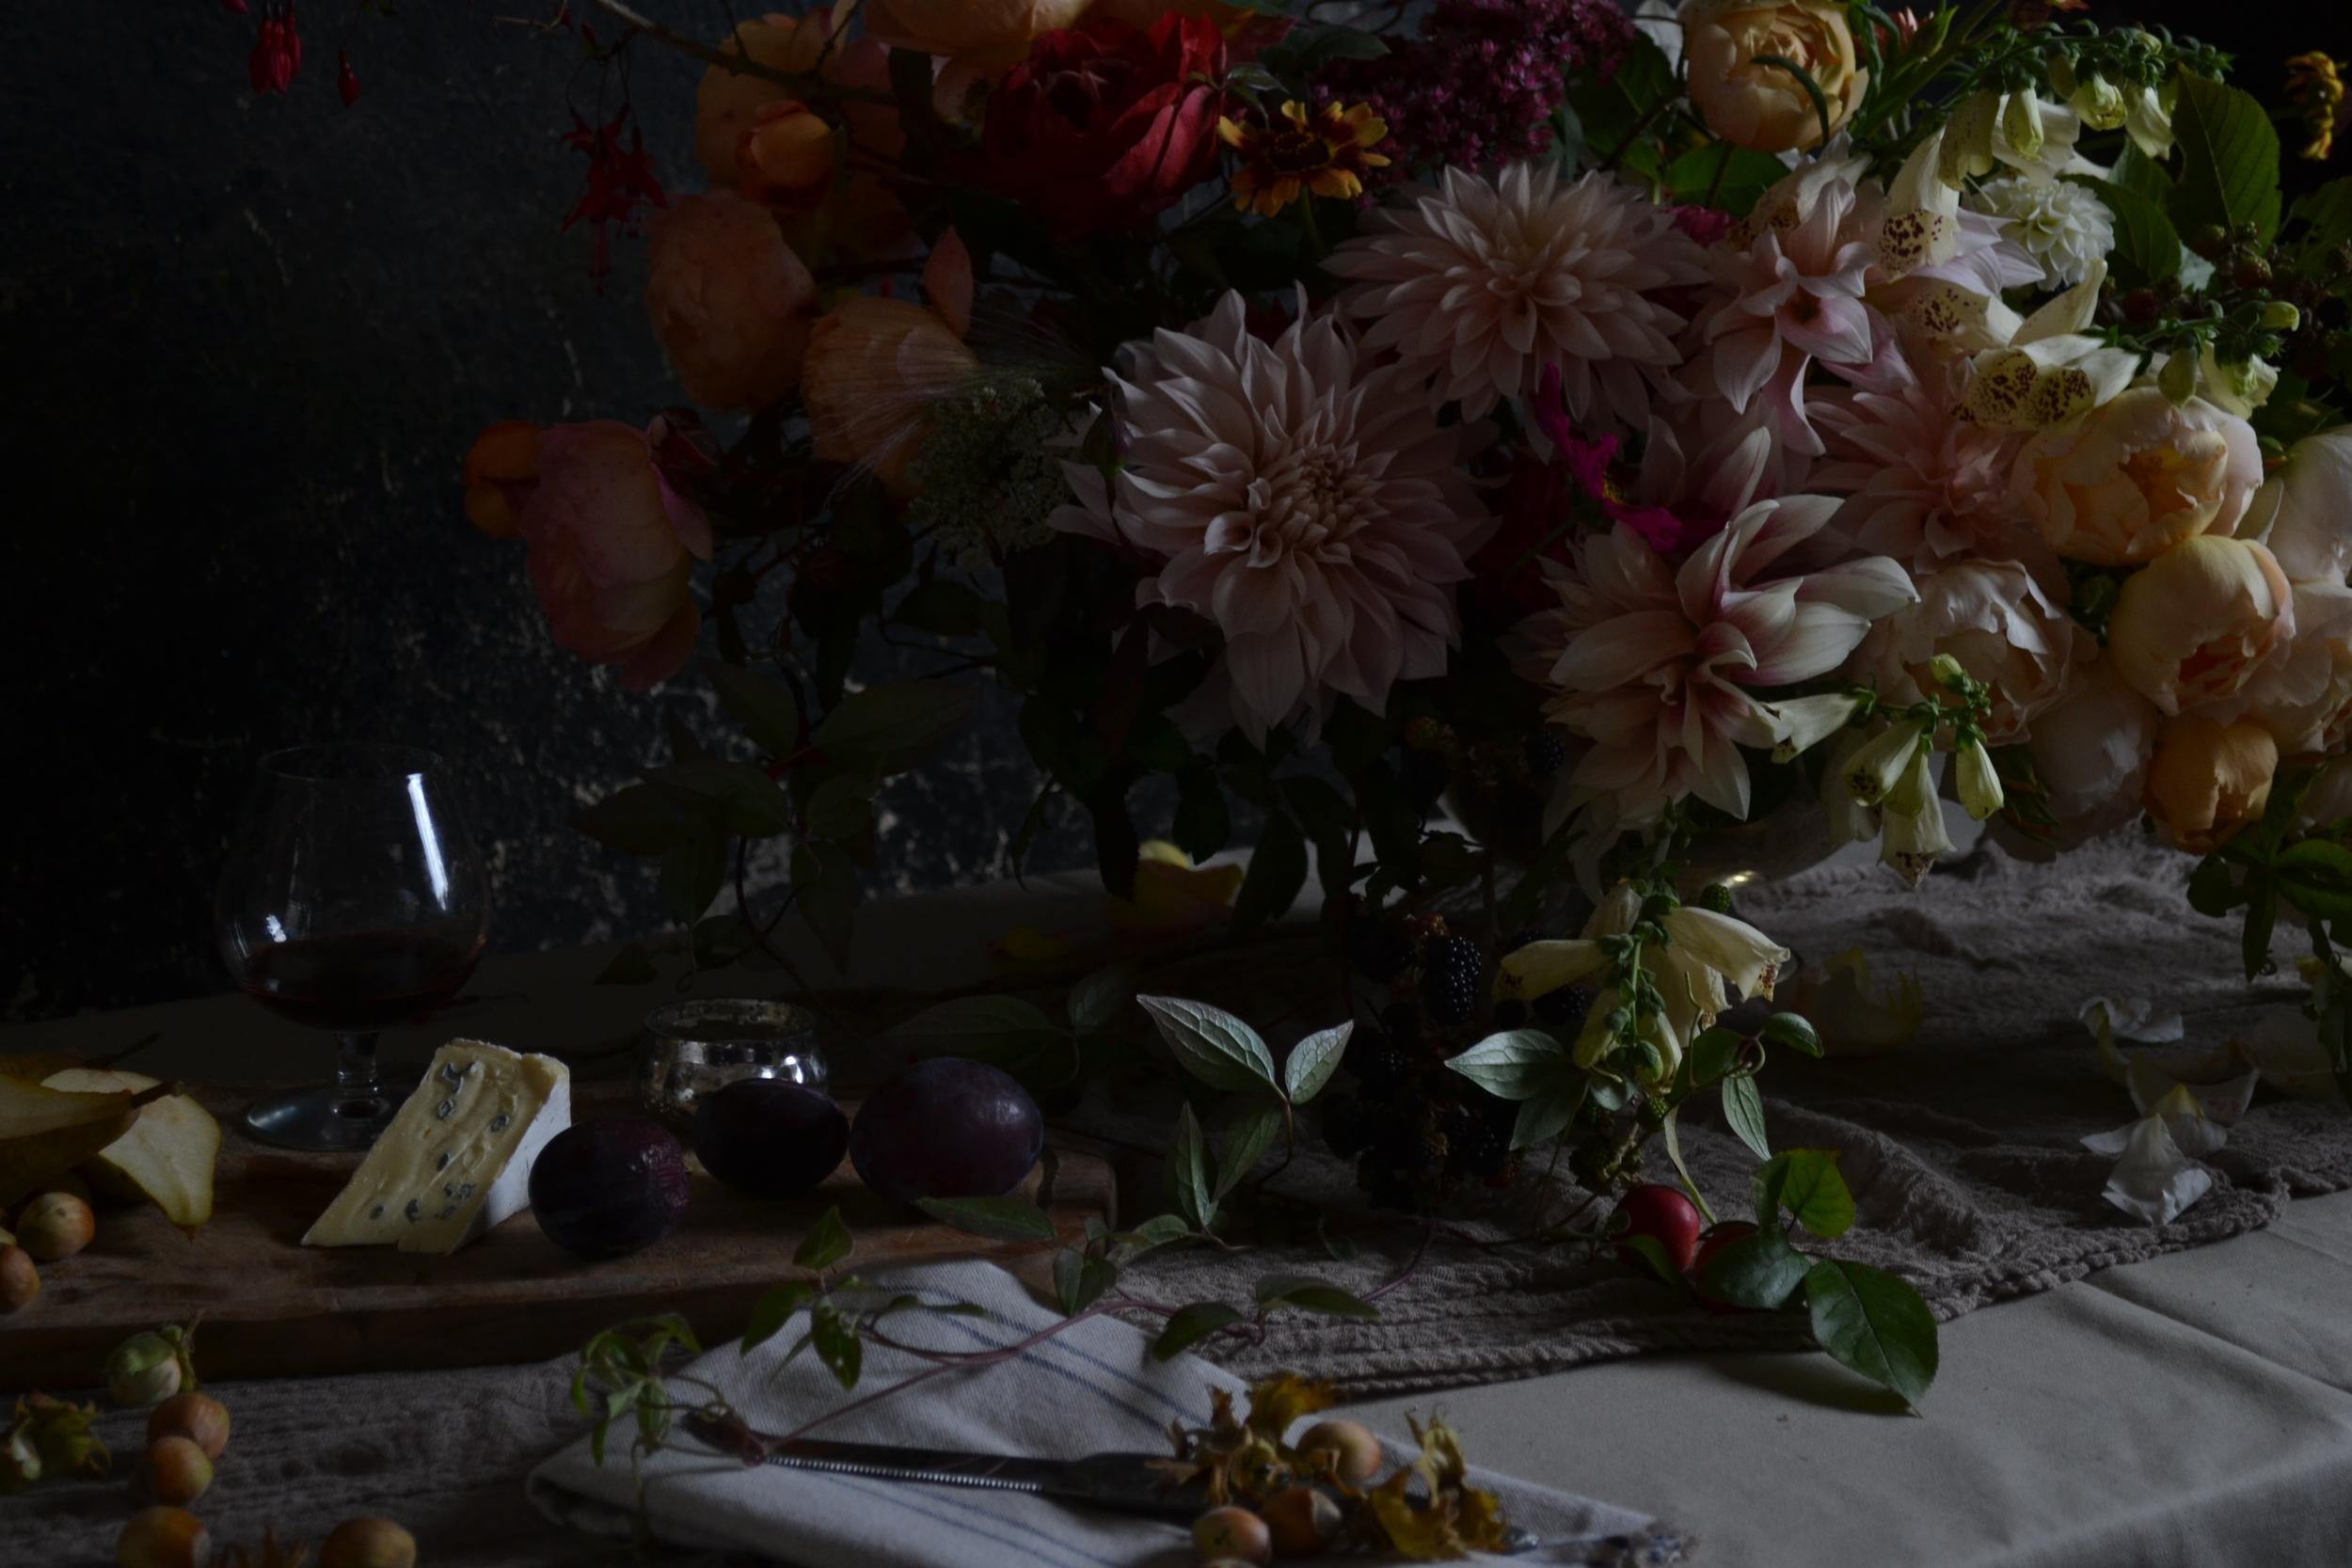 140918 - GG - Dutch styling and Gabrielles bouquet 021.JPG